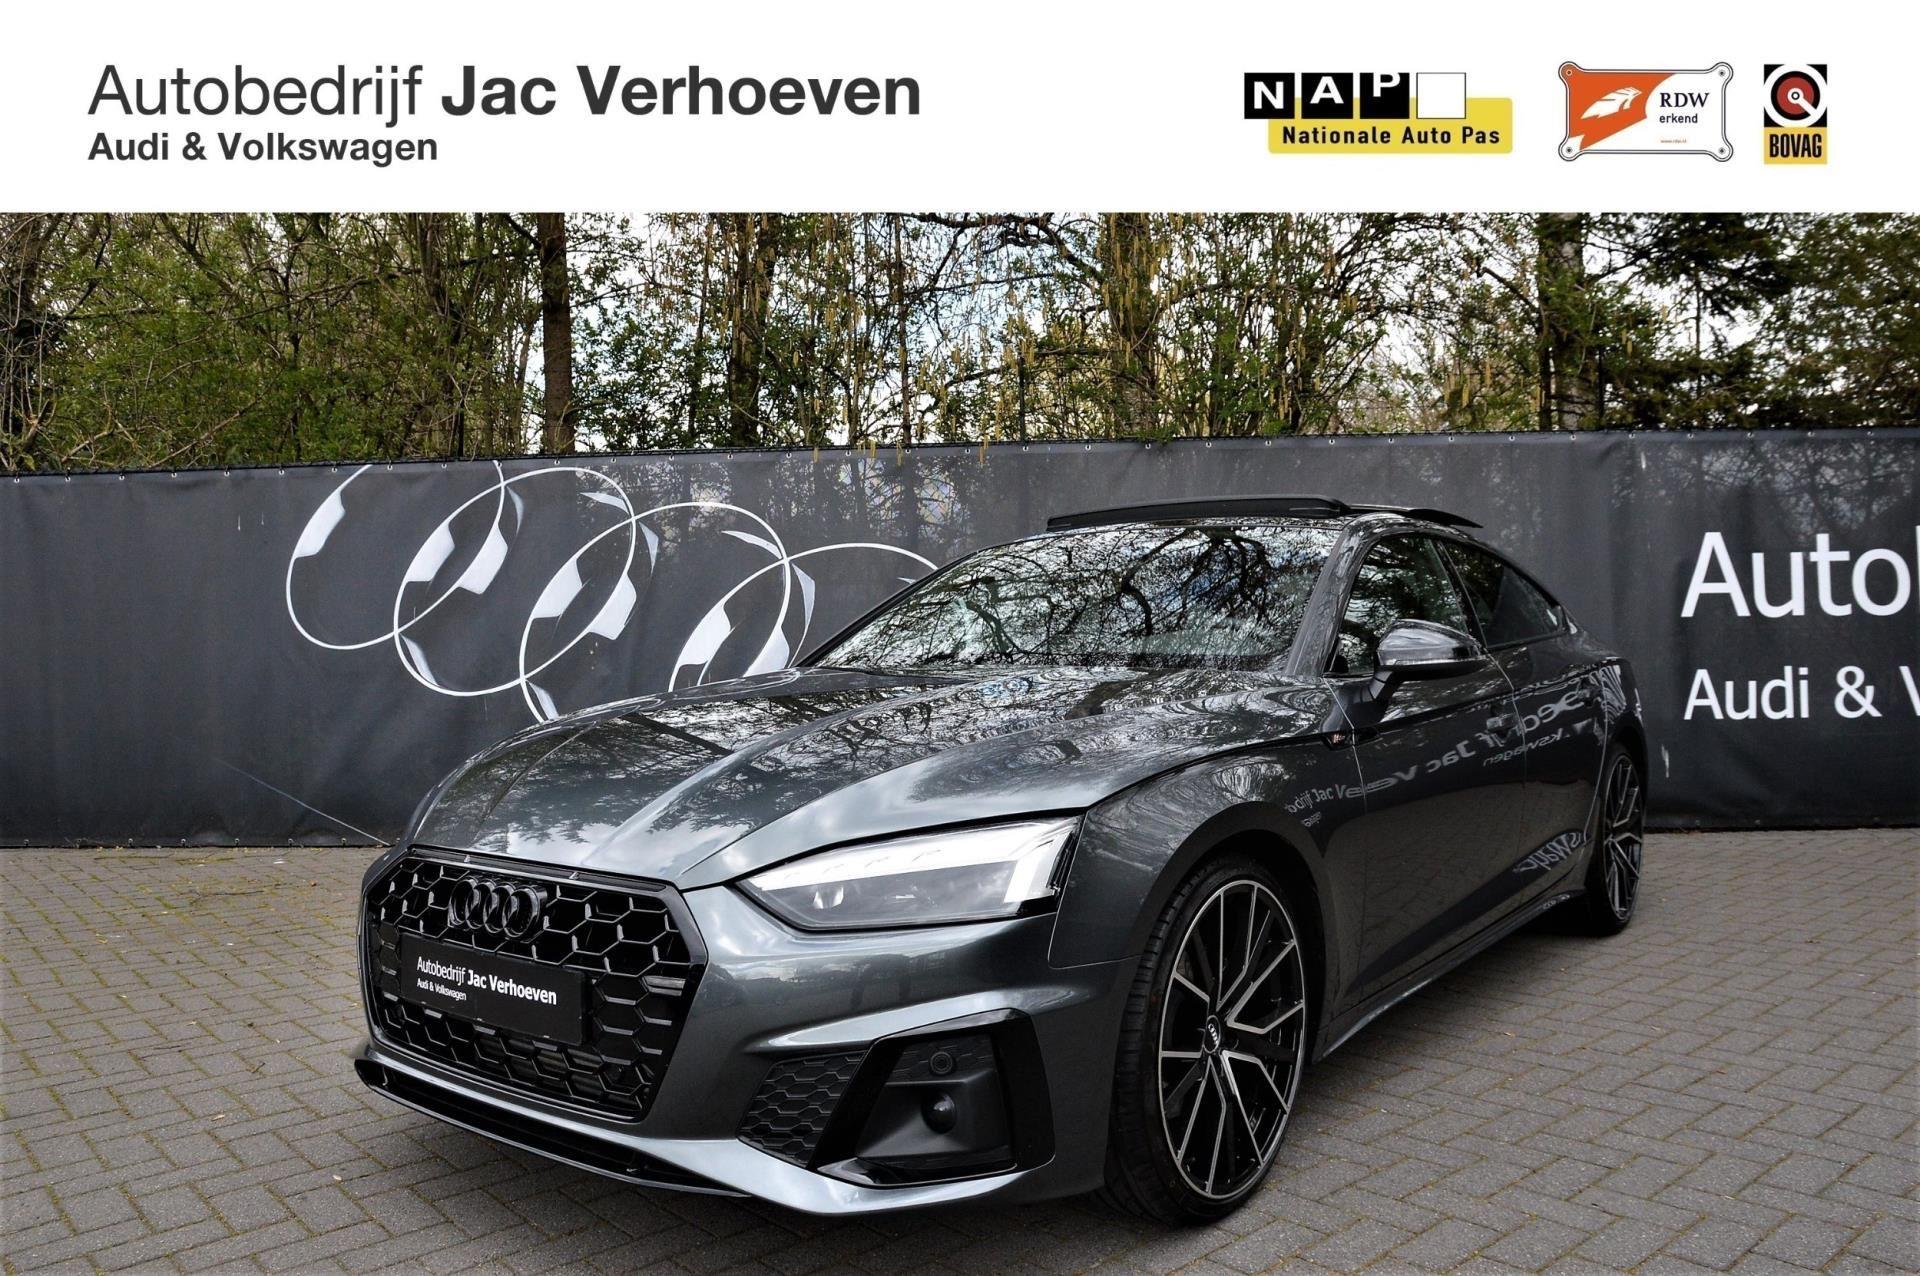 Audi A5 Sportback occasion - Autobedrijf Jac Verhoeven